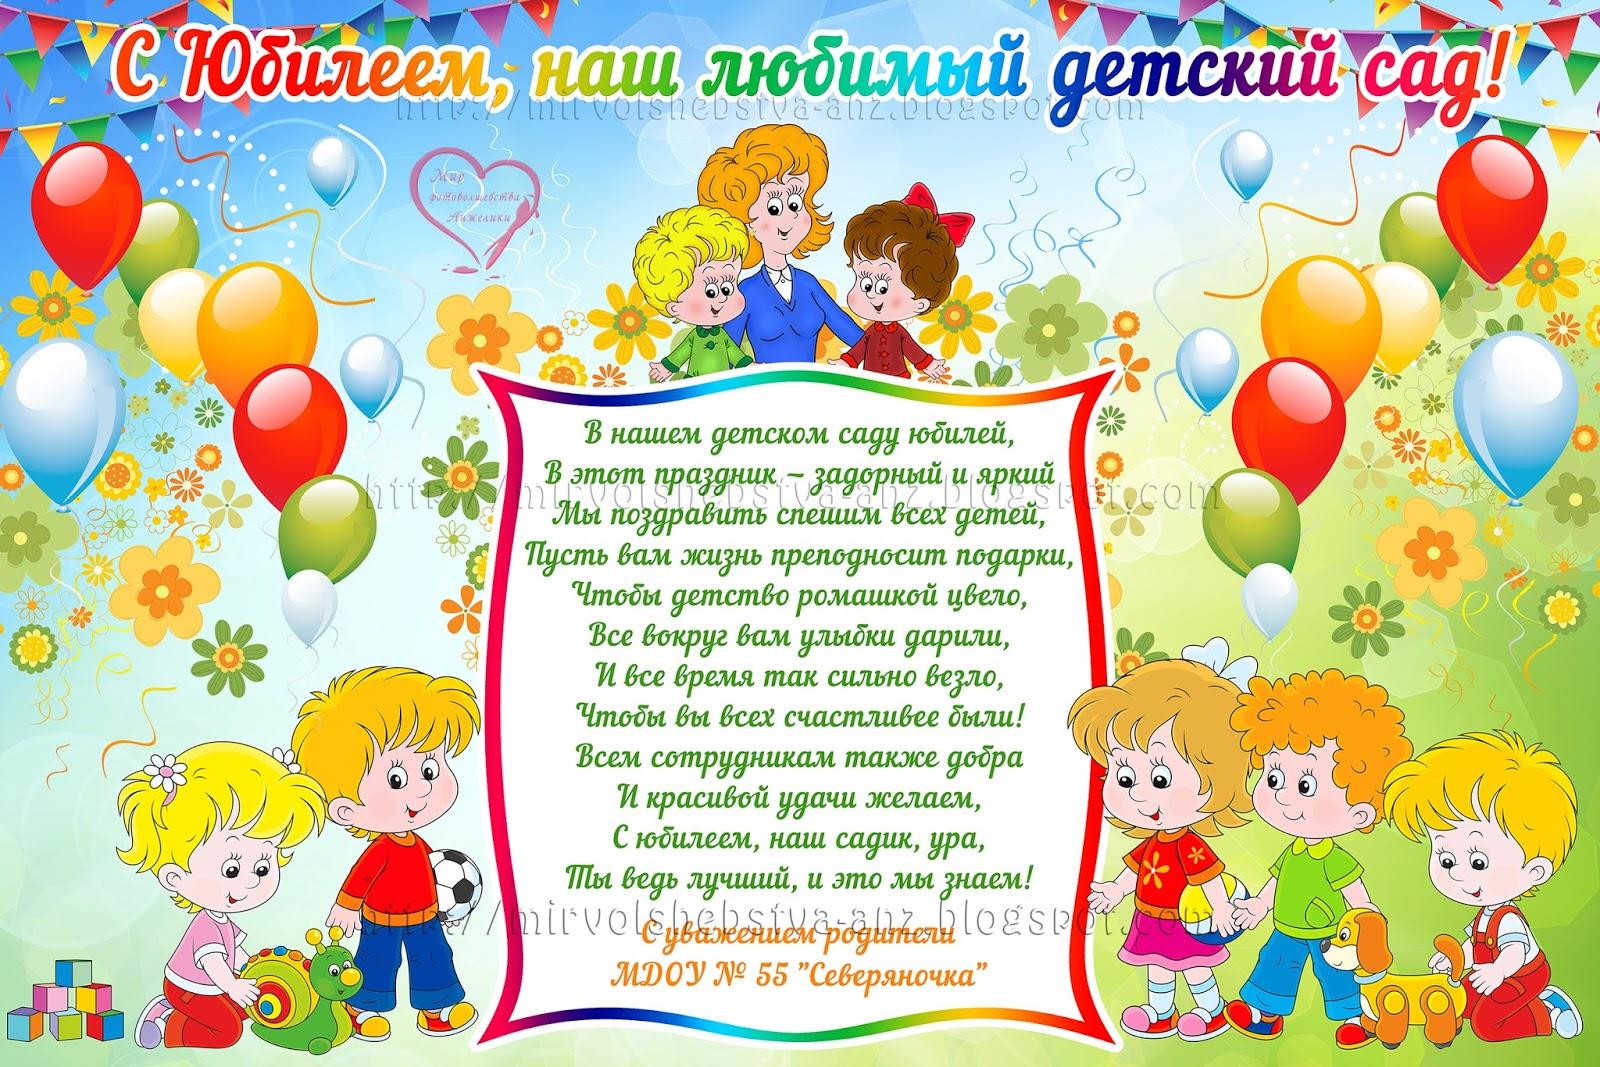 Открытки ко дню юбилея детского сада